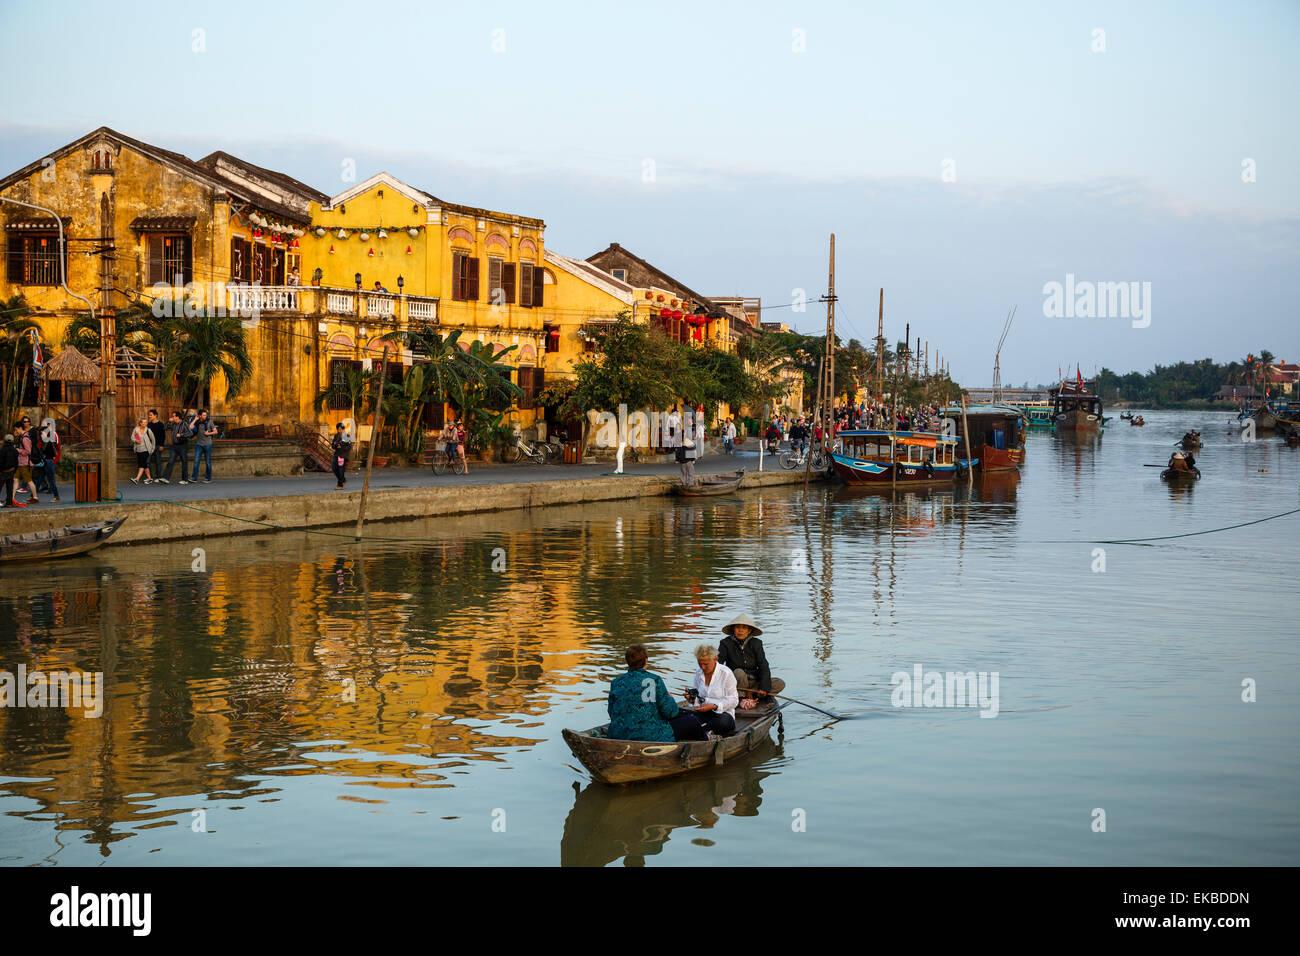 Bateaux à la rivière Thu Bon, Hoi An, Vietnam, Indochine, Asie du Sud-Est, l'Asie Photo Stock